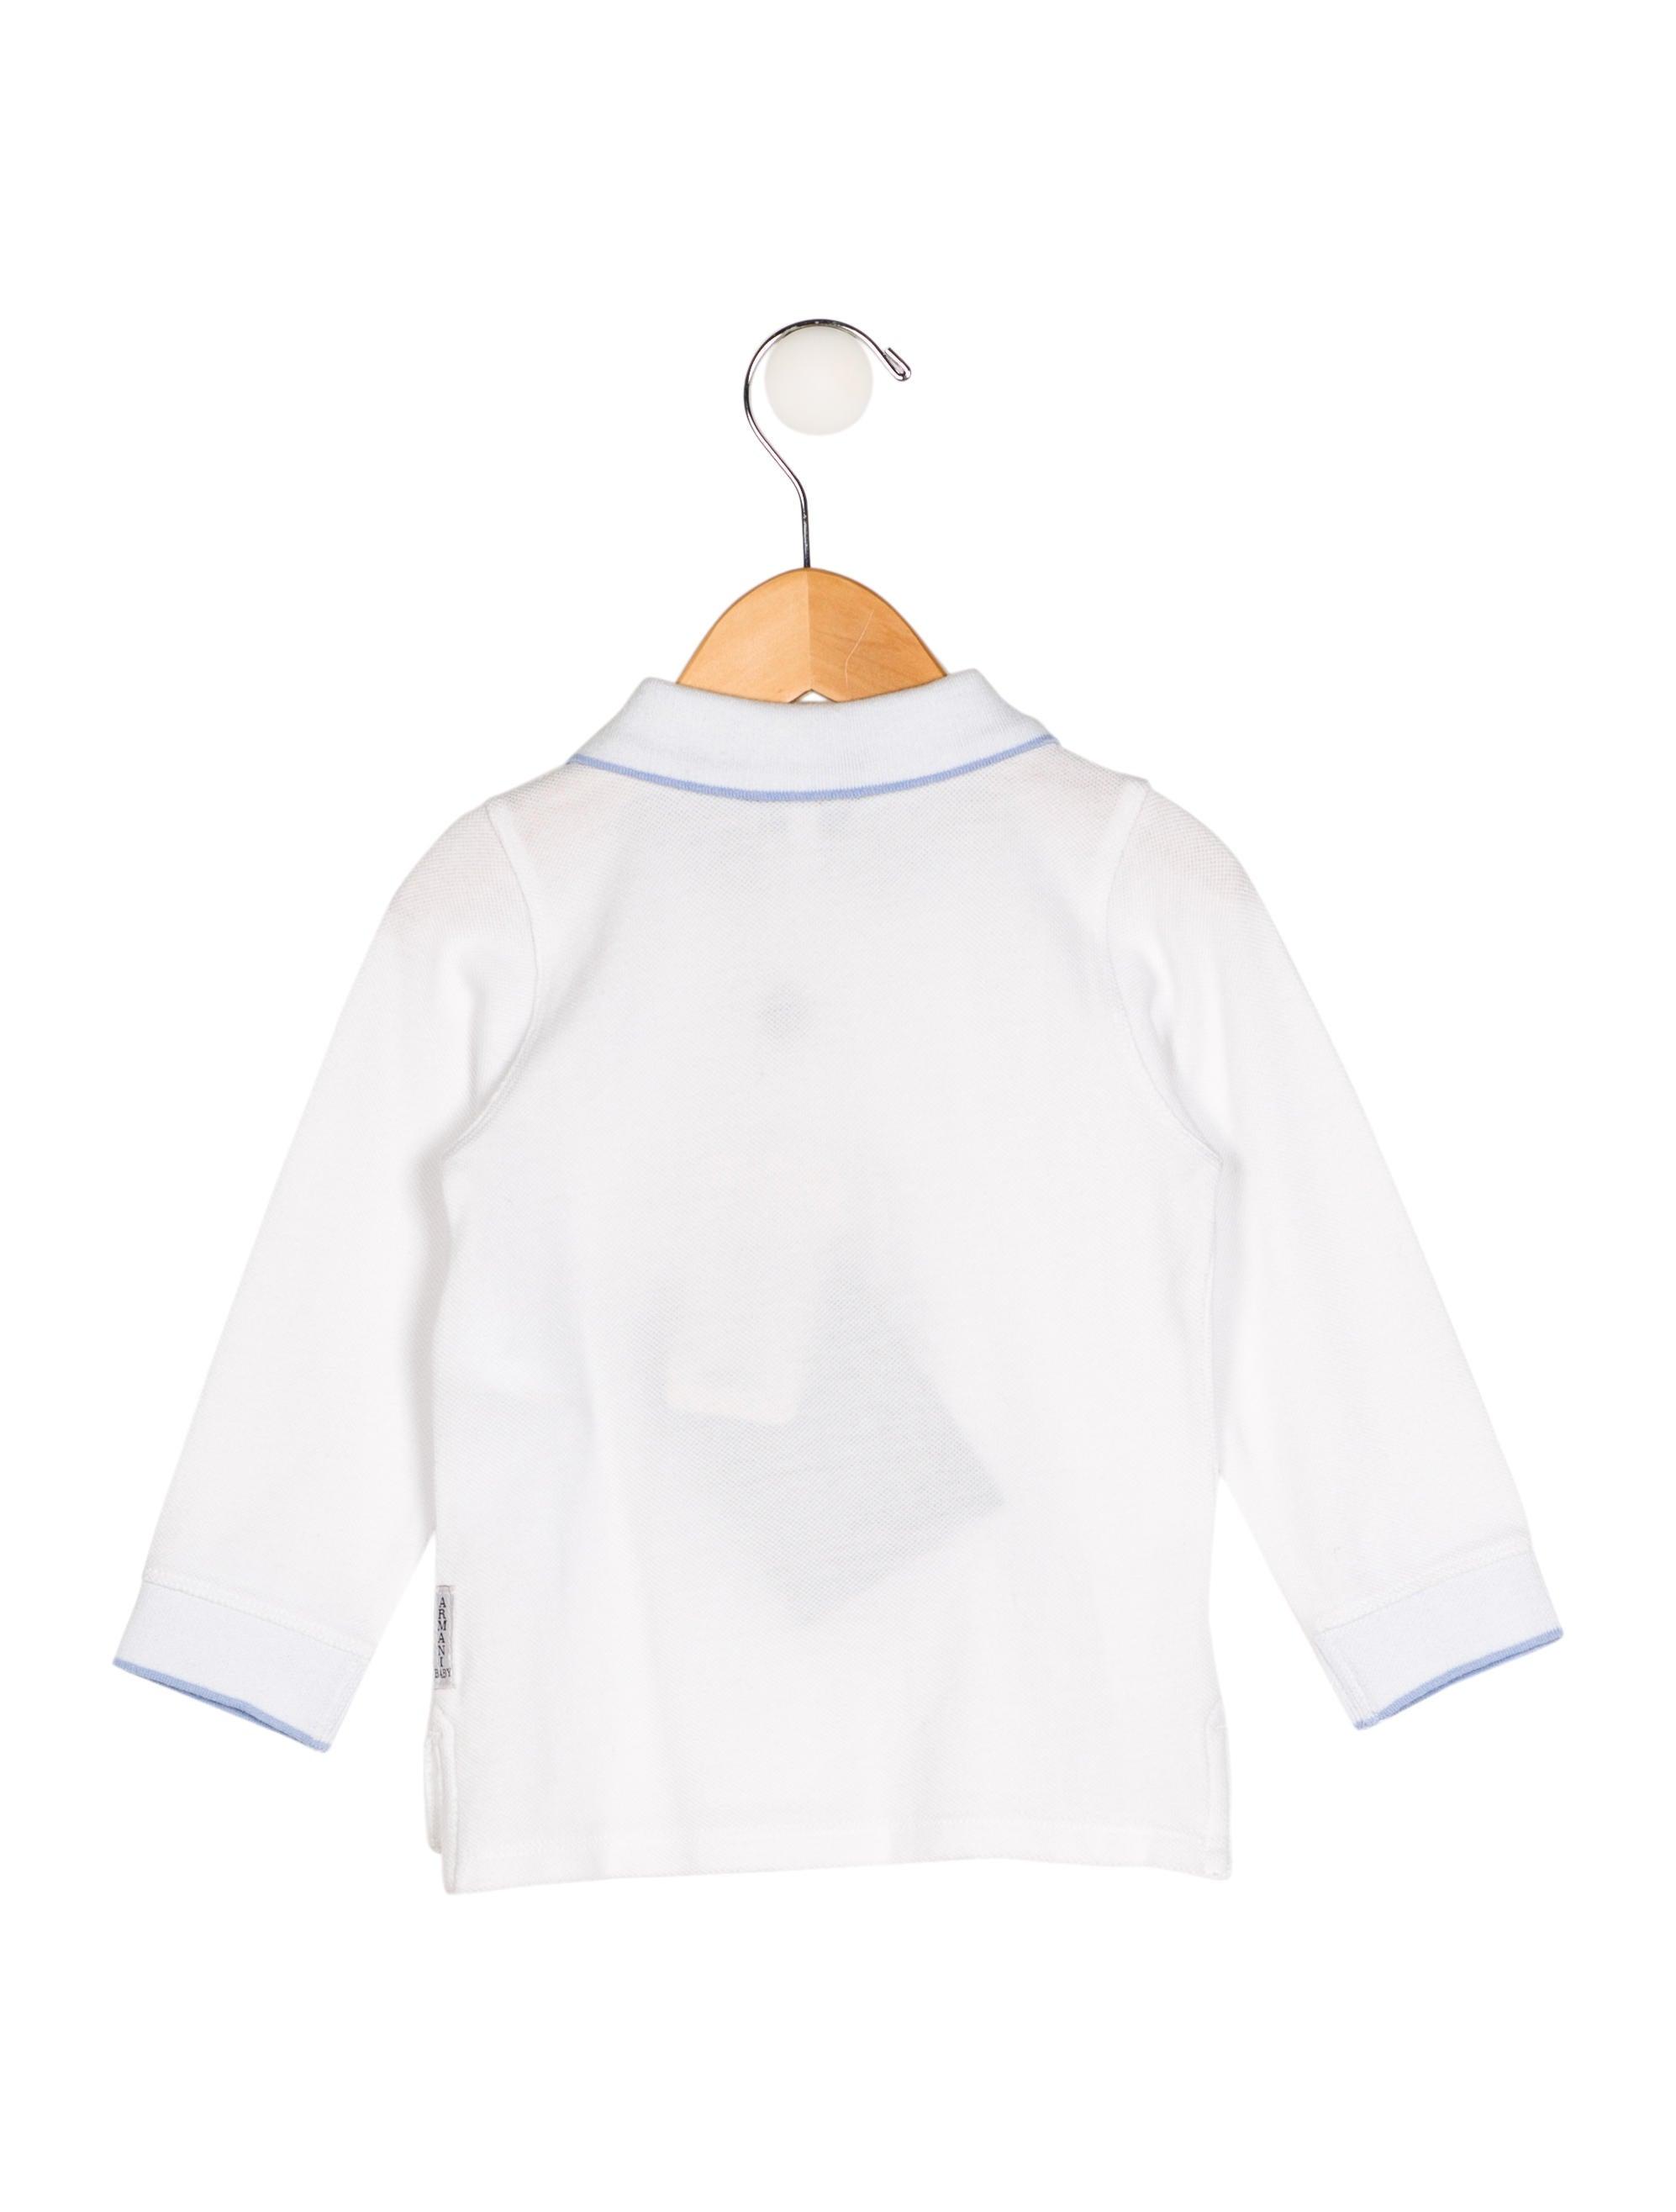 Armani junior boys 39 long sleeve polo shirt w tags boys for Long sleeved polo shirts for boys